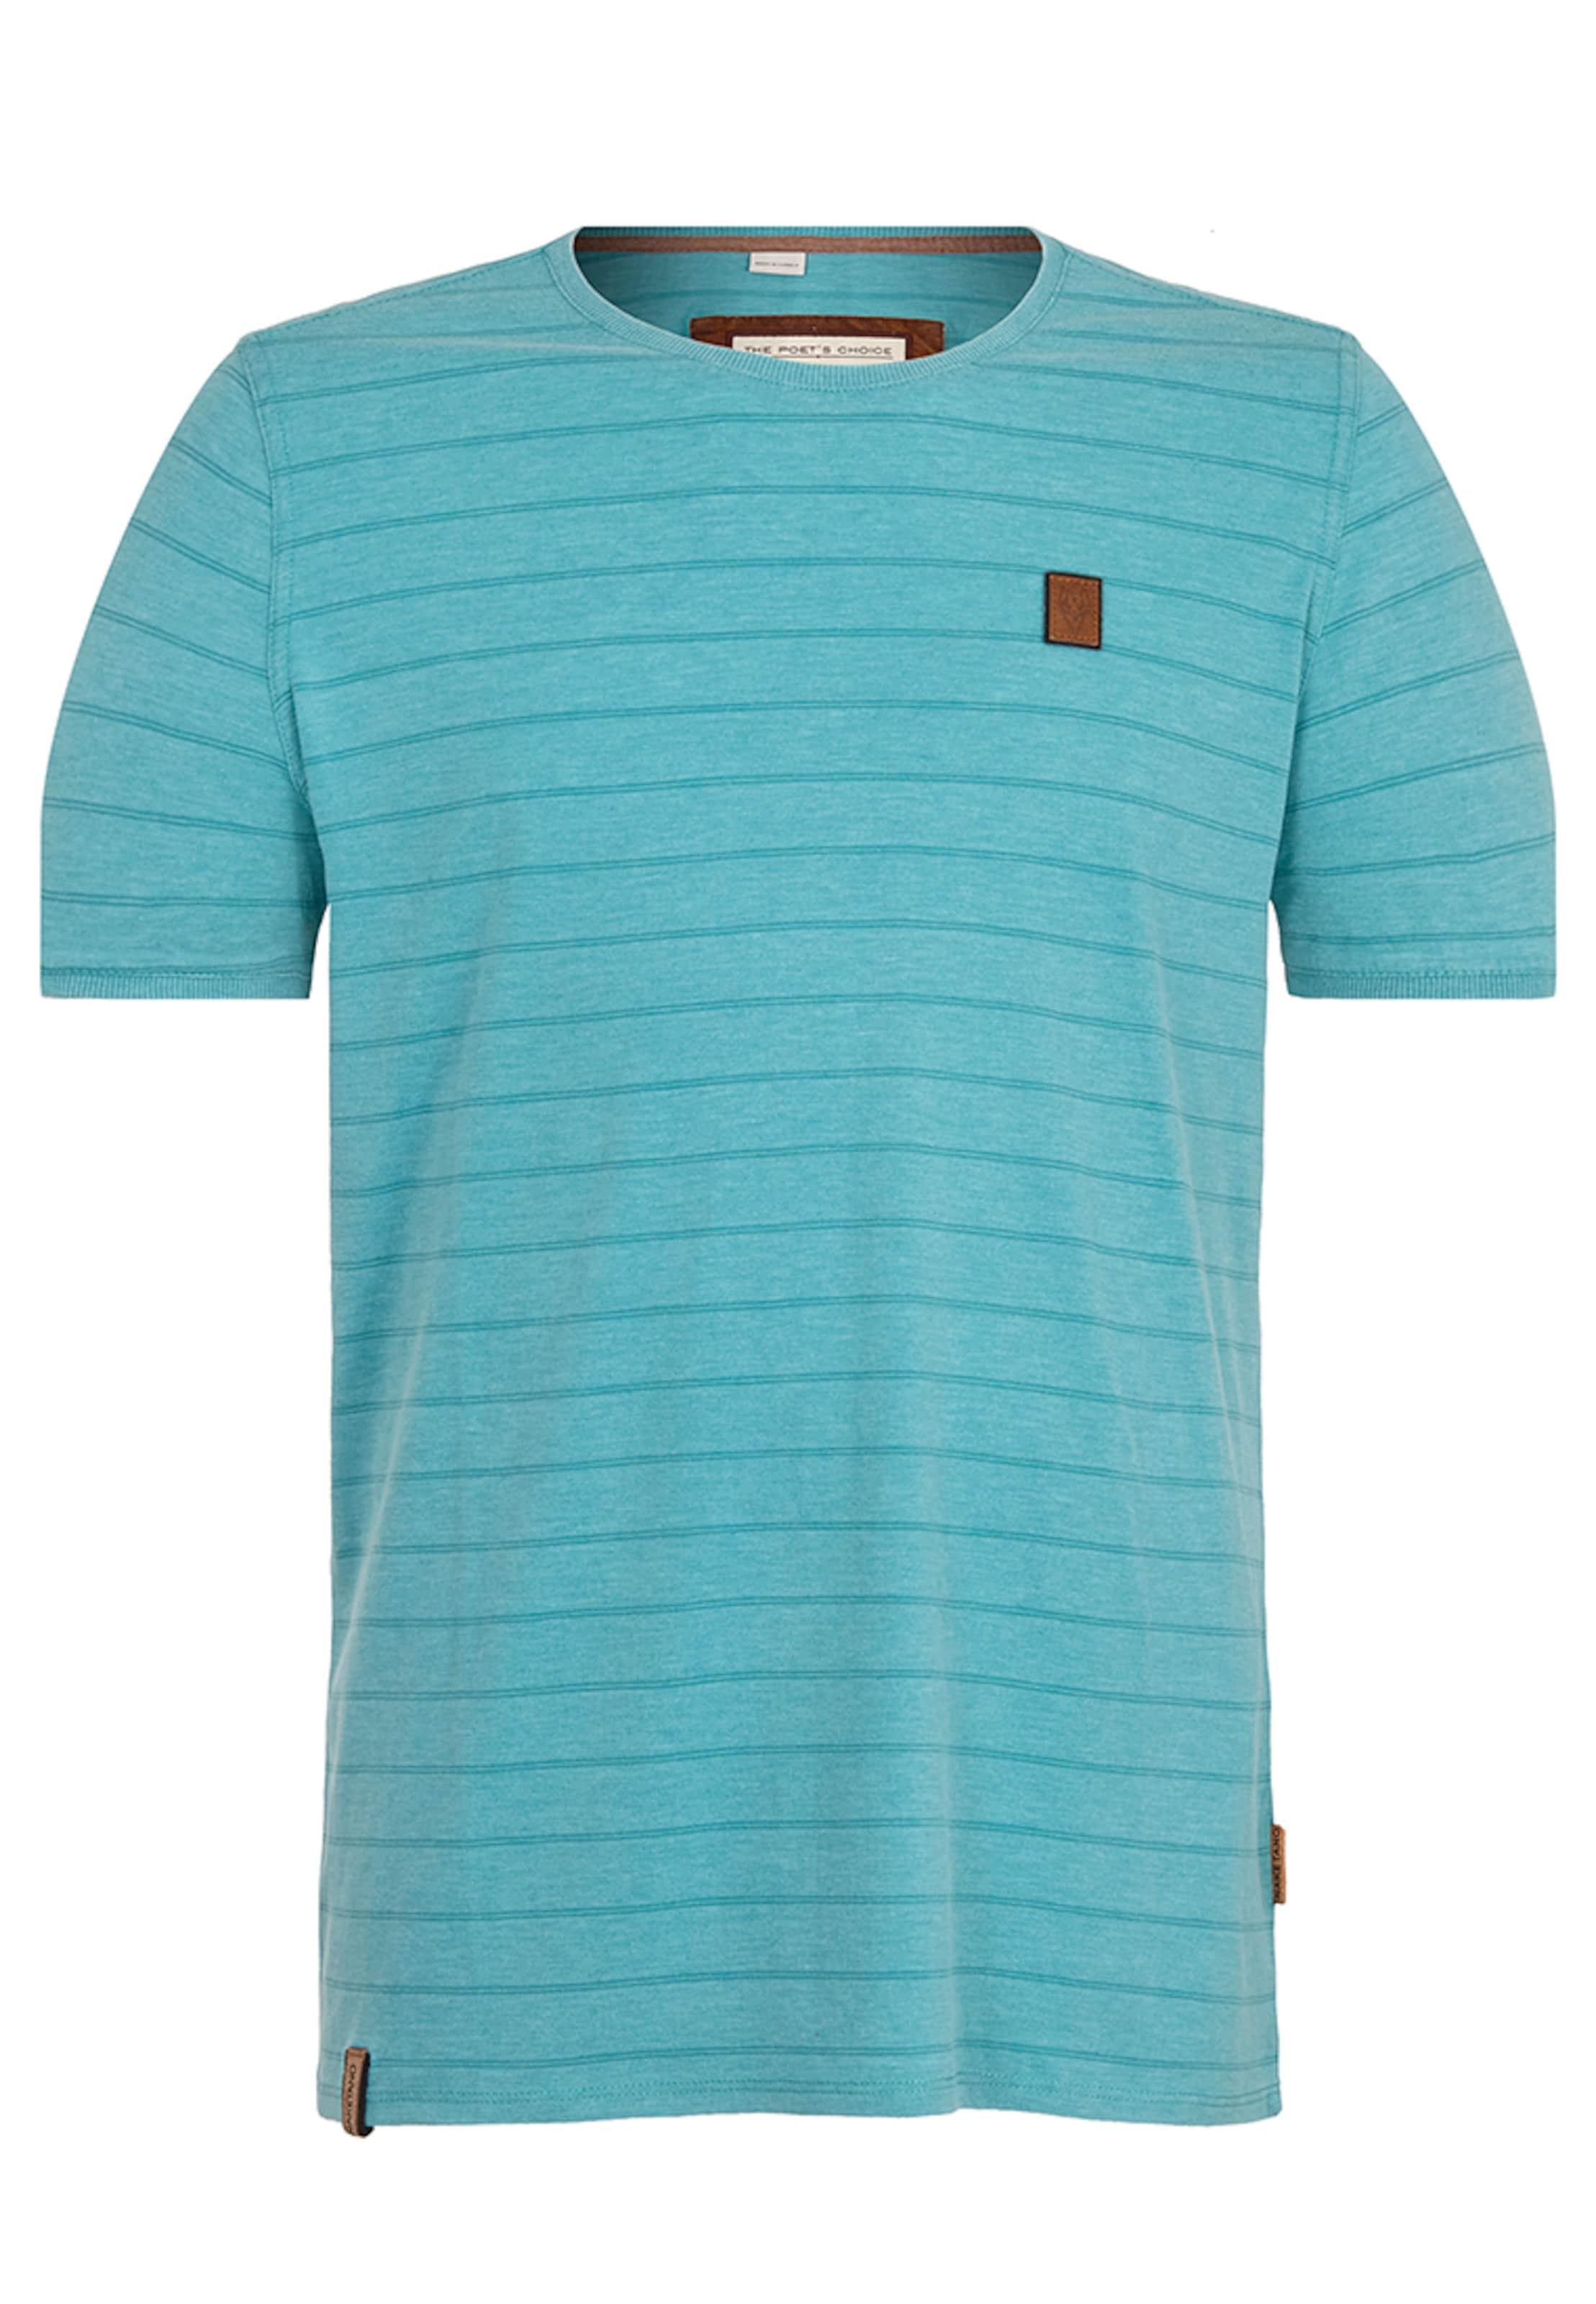 Verkauf Wirklich naketano T-Shirt Qualität Outlet-Store Geschäft Zum Verkauf Zum Verkauf Günstigen Preis Aus Deutschland Verkauf 2018 Neue GjX1uIN